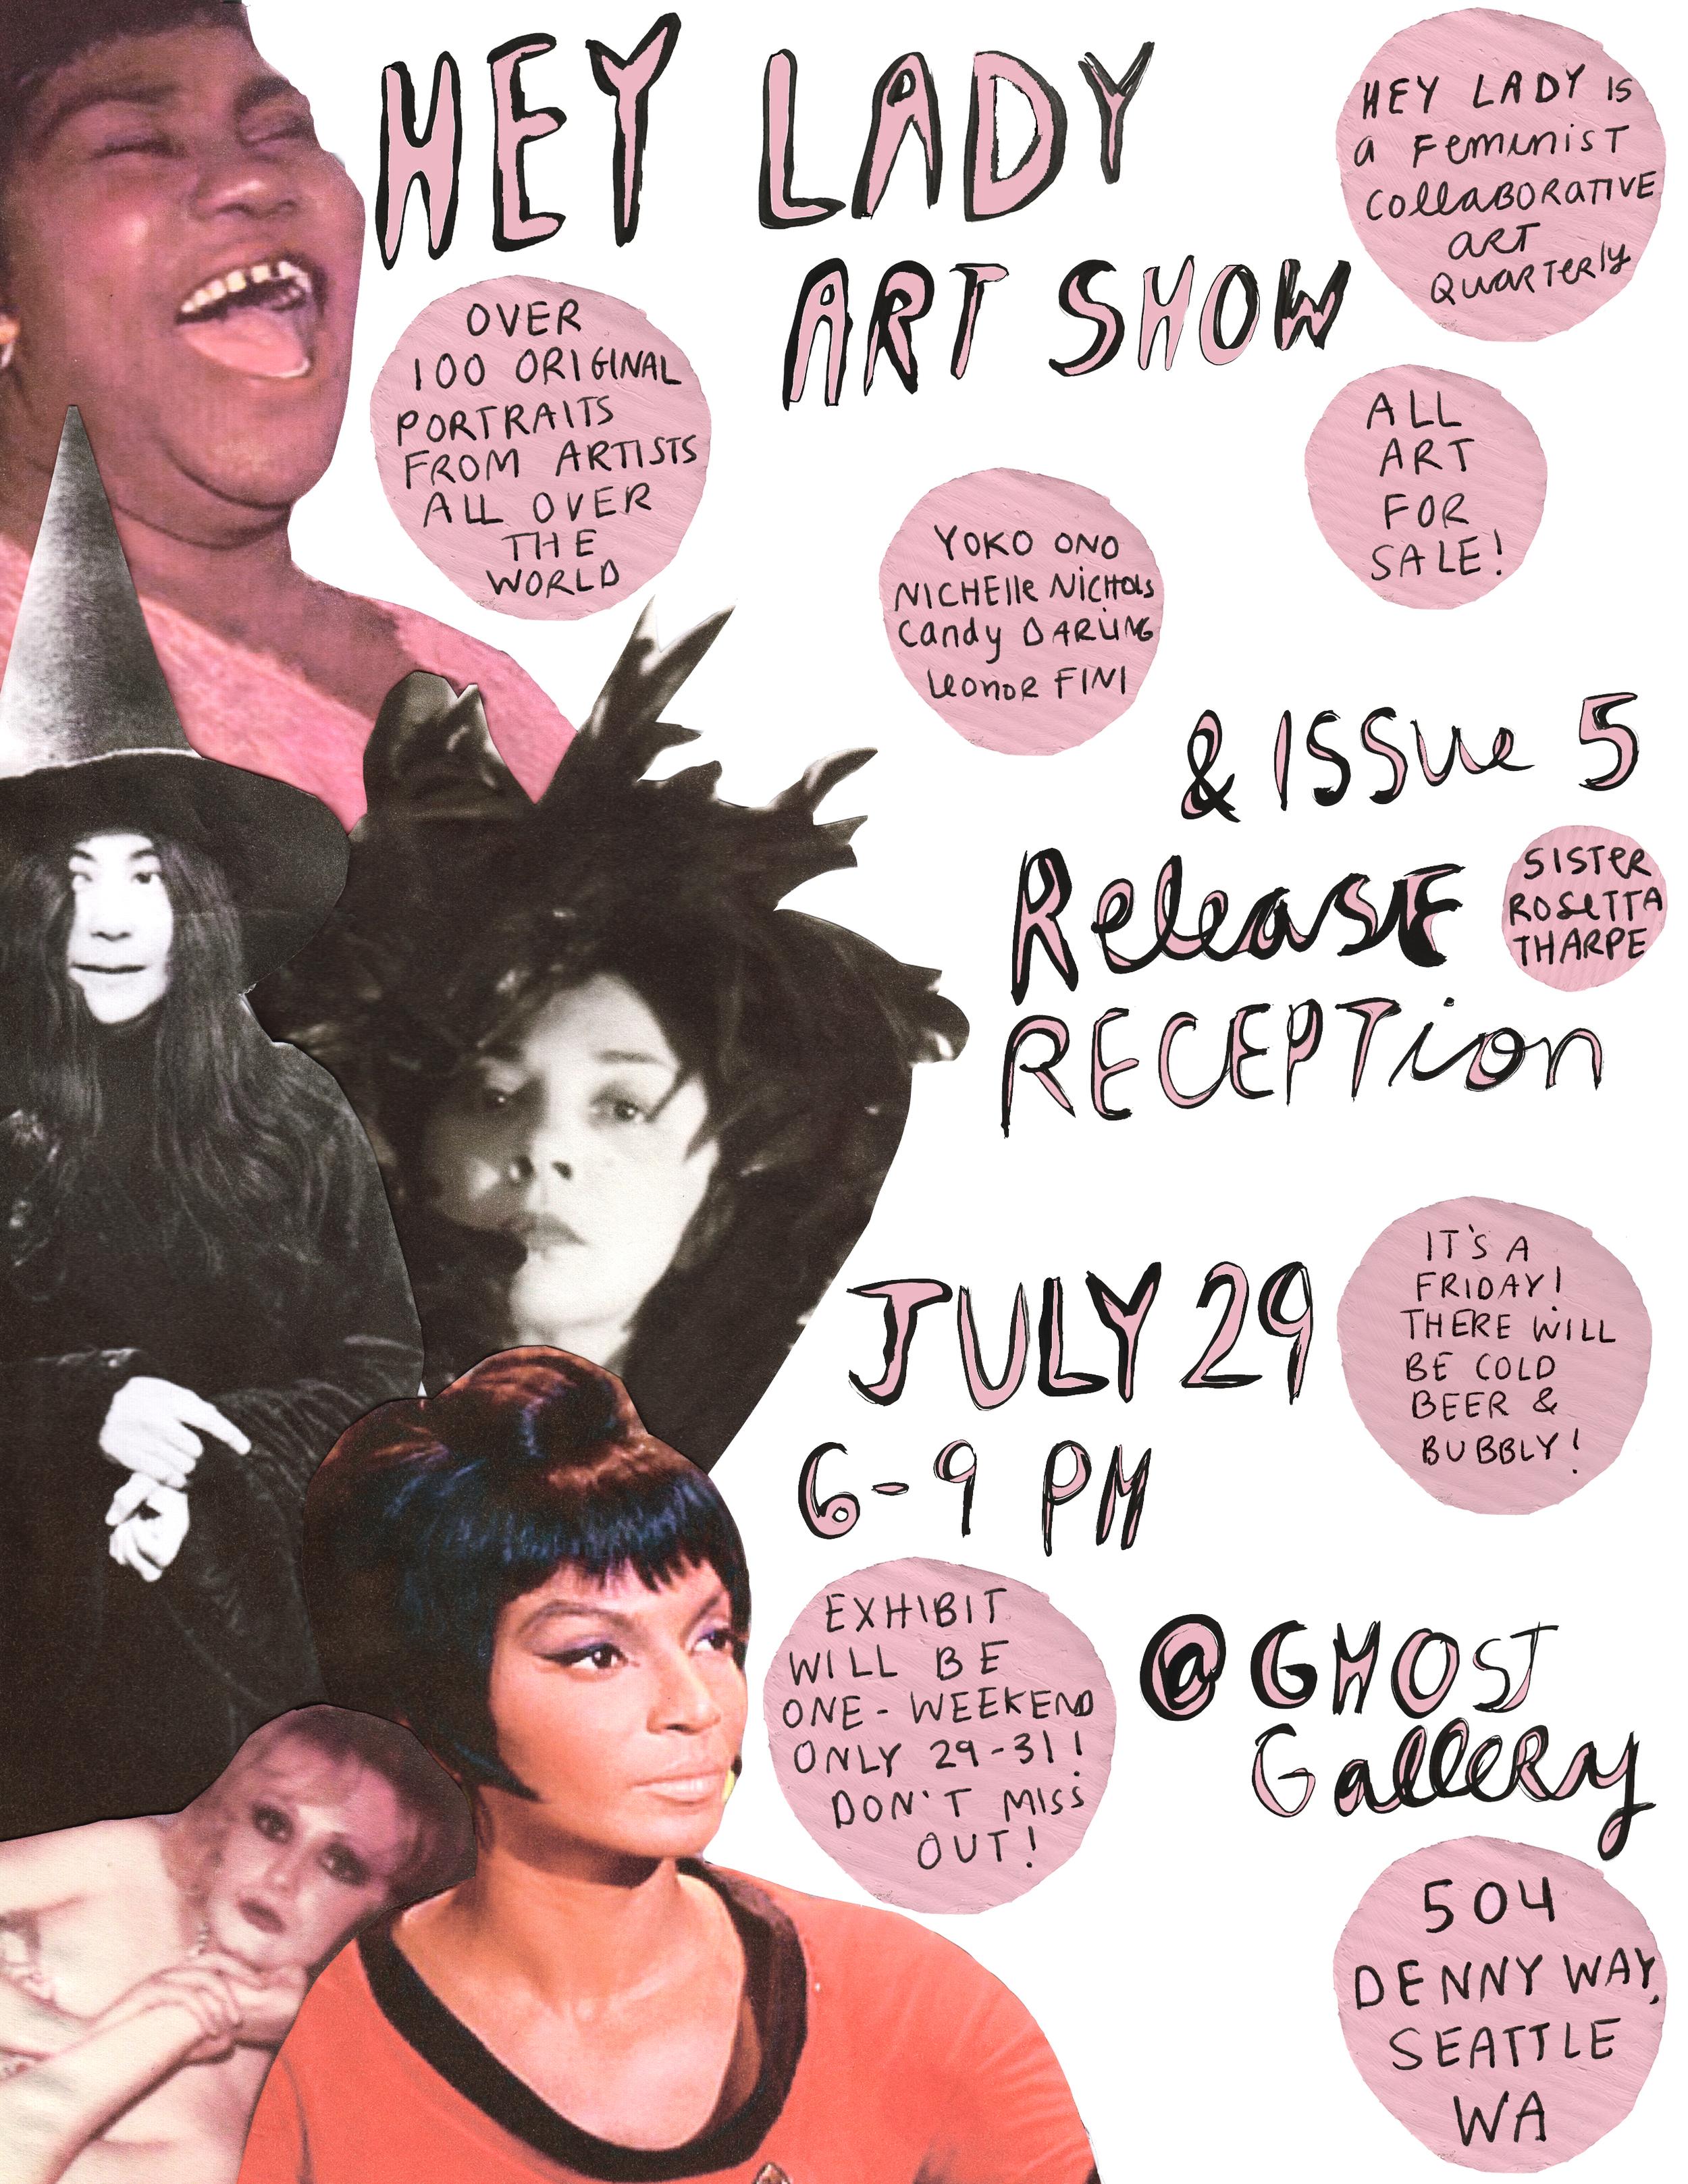 hey lady art show // july 29-31 // ghost gallery in seattle, washington